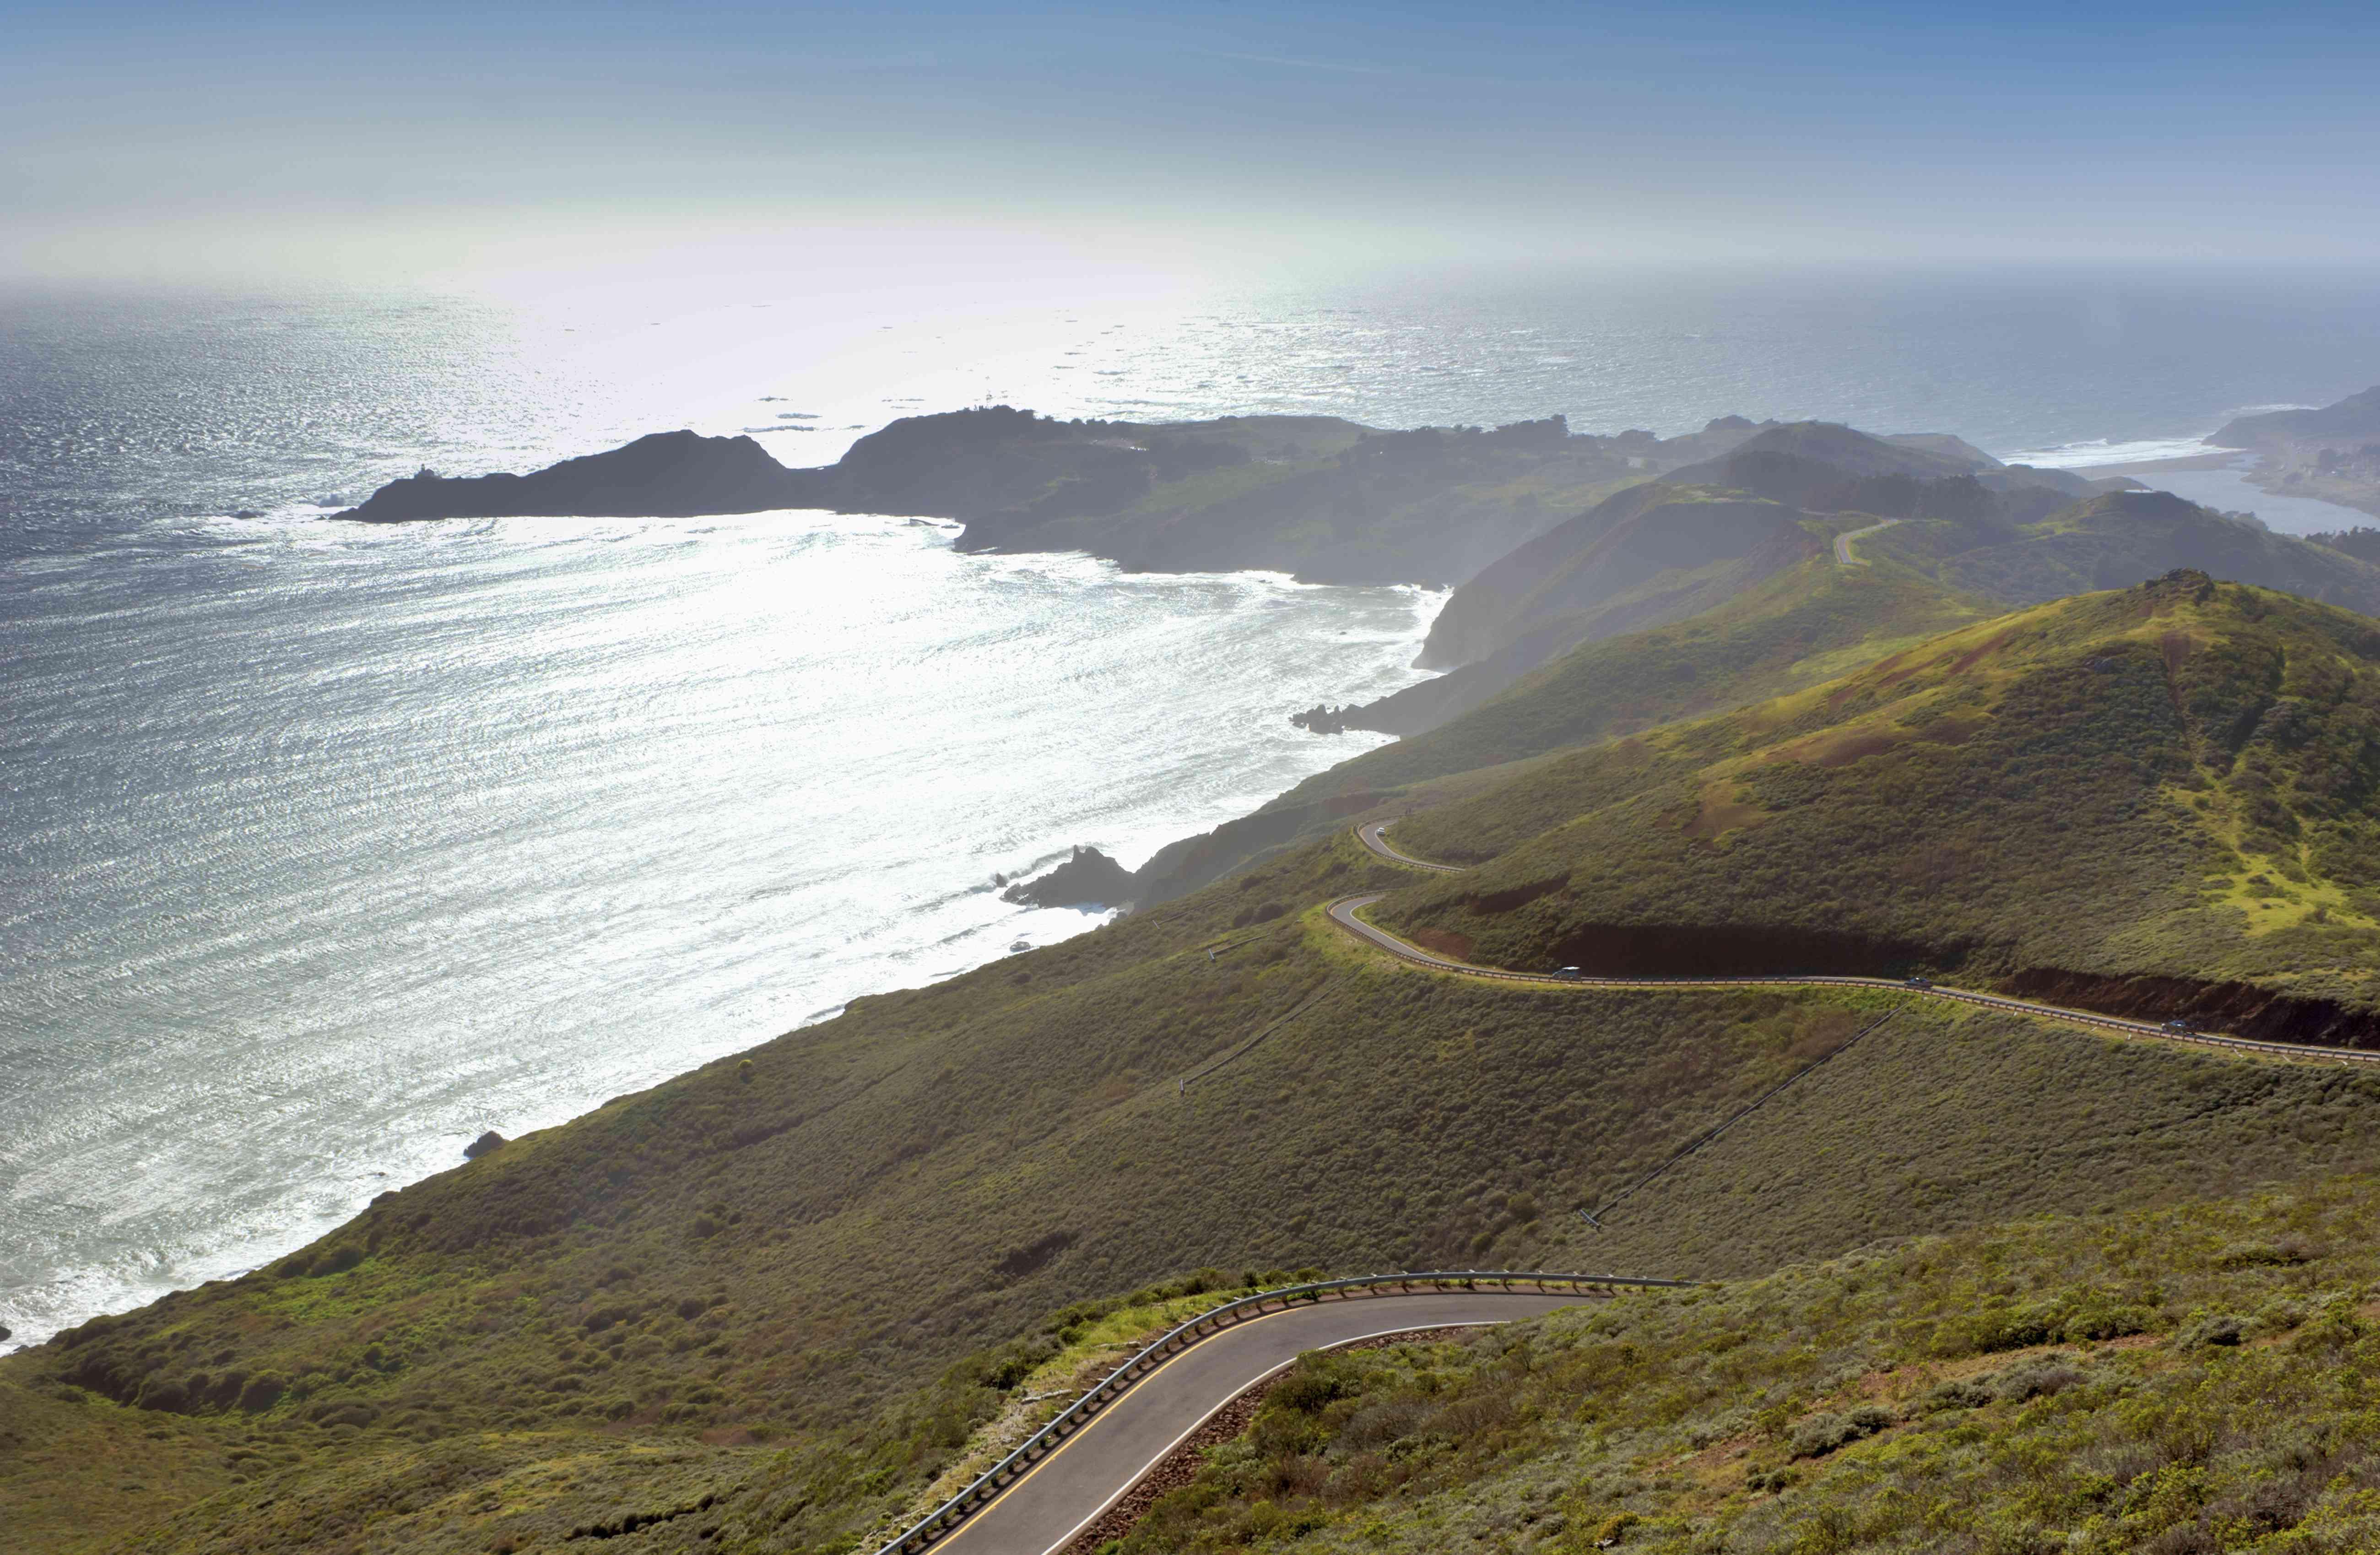 Vista de Marin Headlands y Océano Pacífico